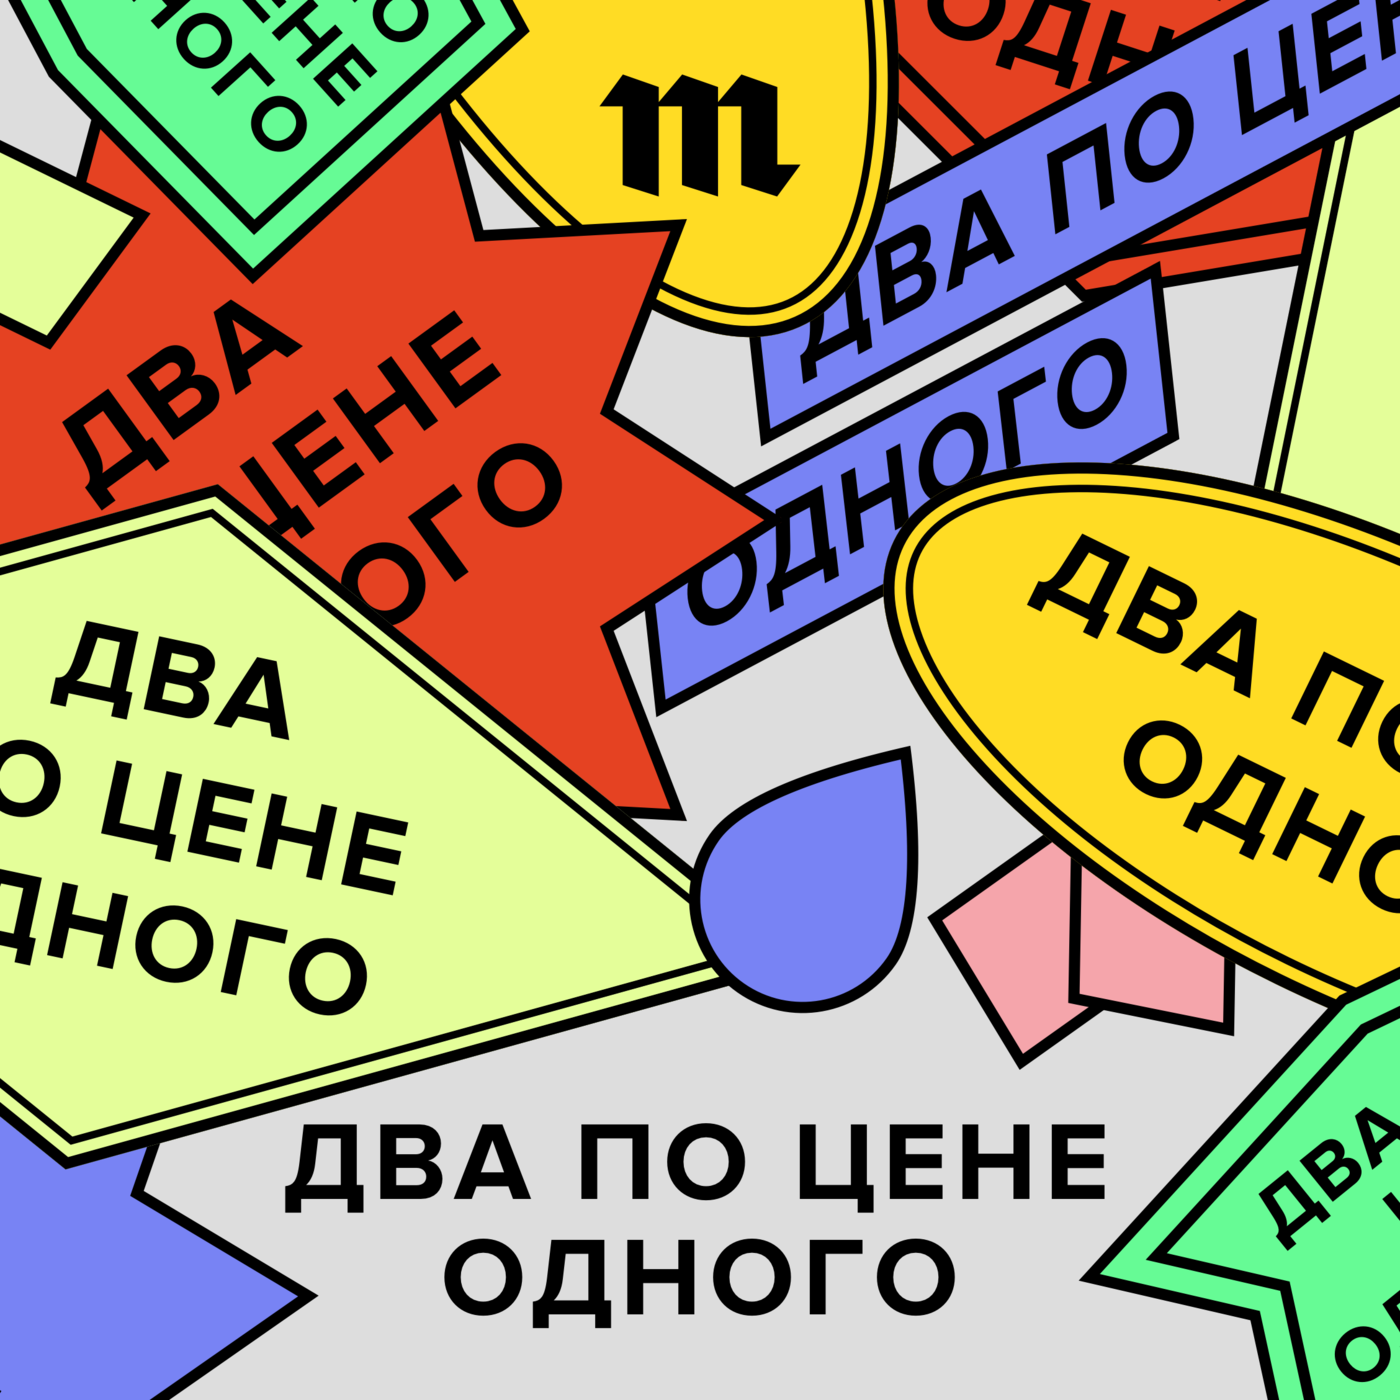 Илья Красильщик Как давать деньги в долг друзьям. И при этом не поссориться с ними!